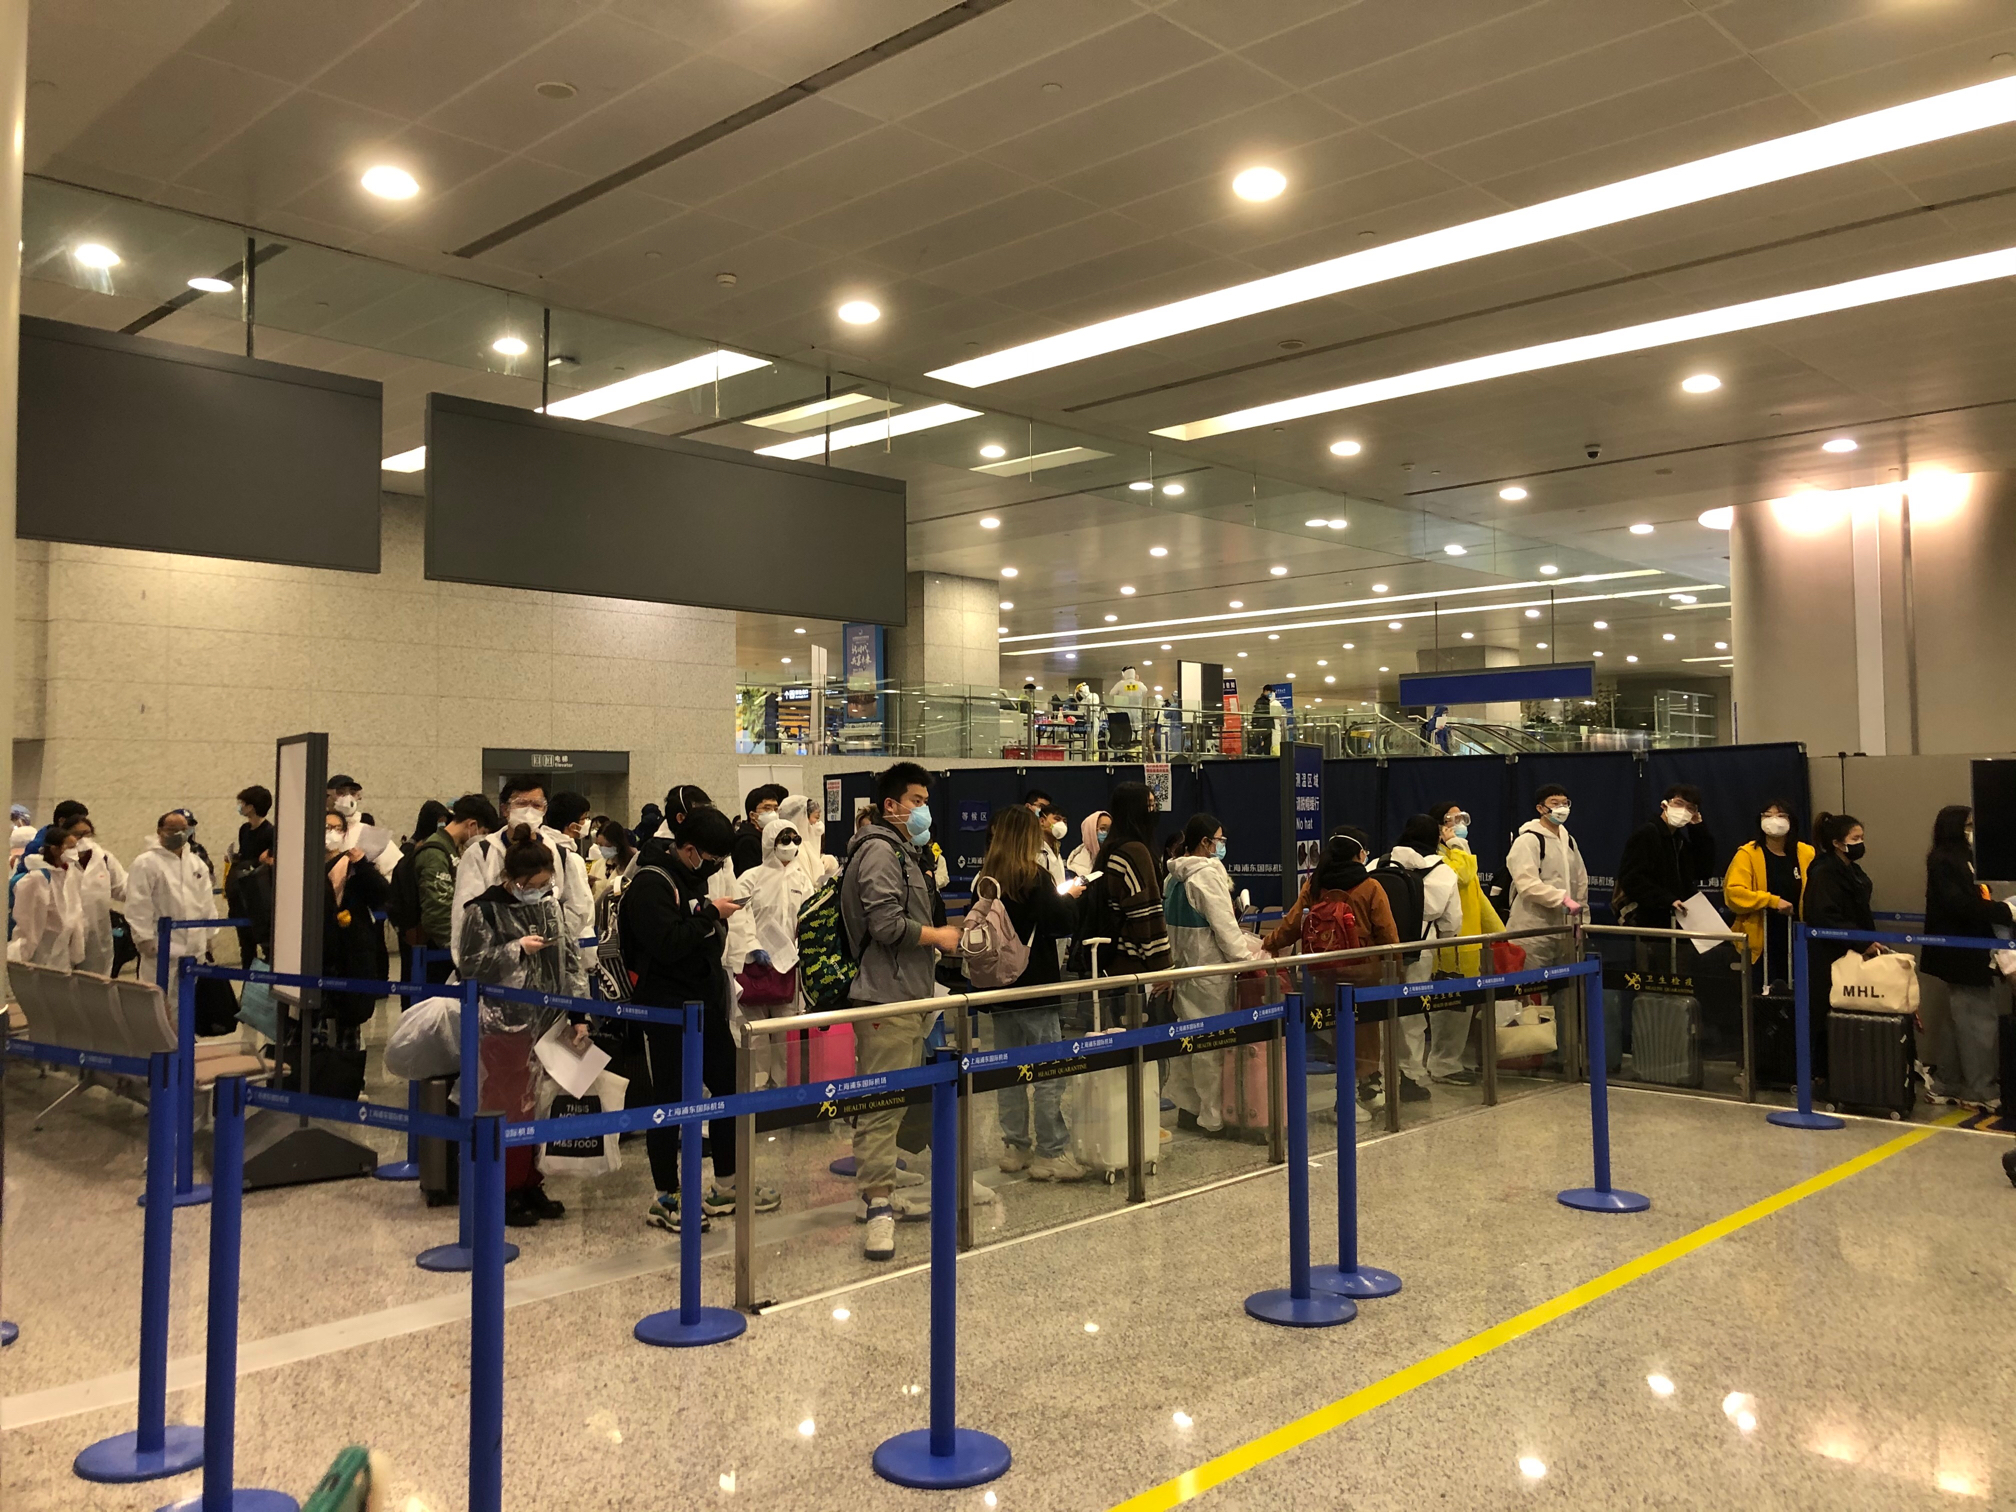 非理性因素直击浦东机场:24小时不间断严防死守,入境旅客说很安心